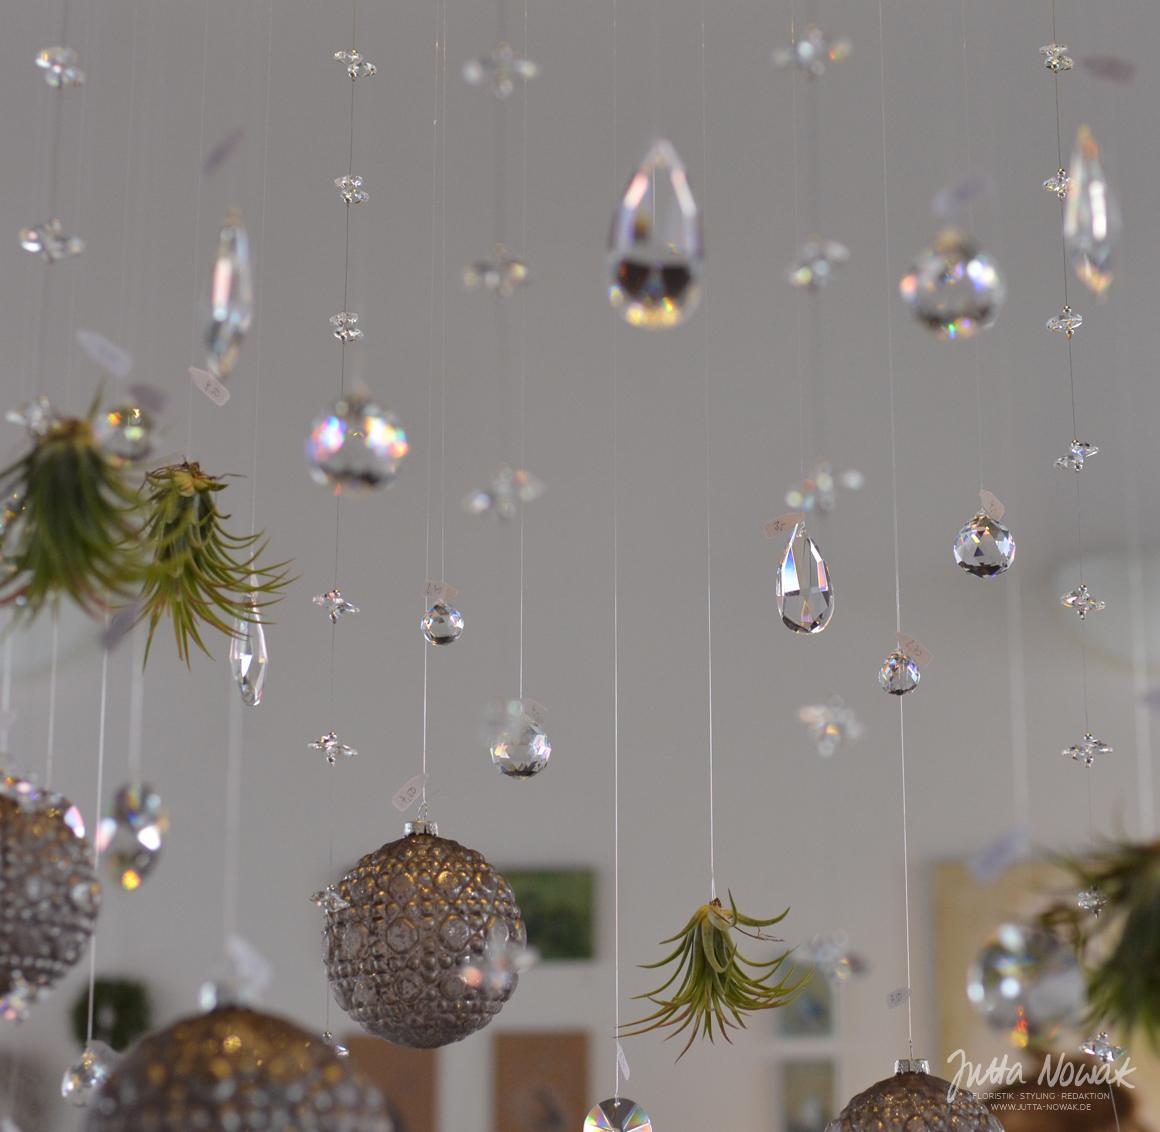 Jutta Nowak: Adventsausstellung 2015, stilsierter Leuchter mit Glaskristallen, Kugeln und Tillandsien